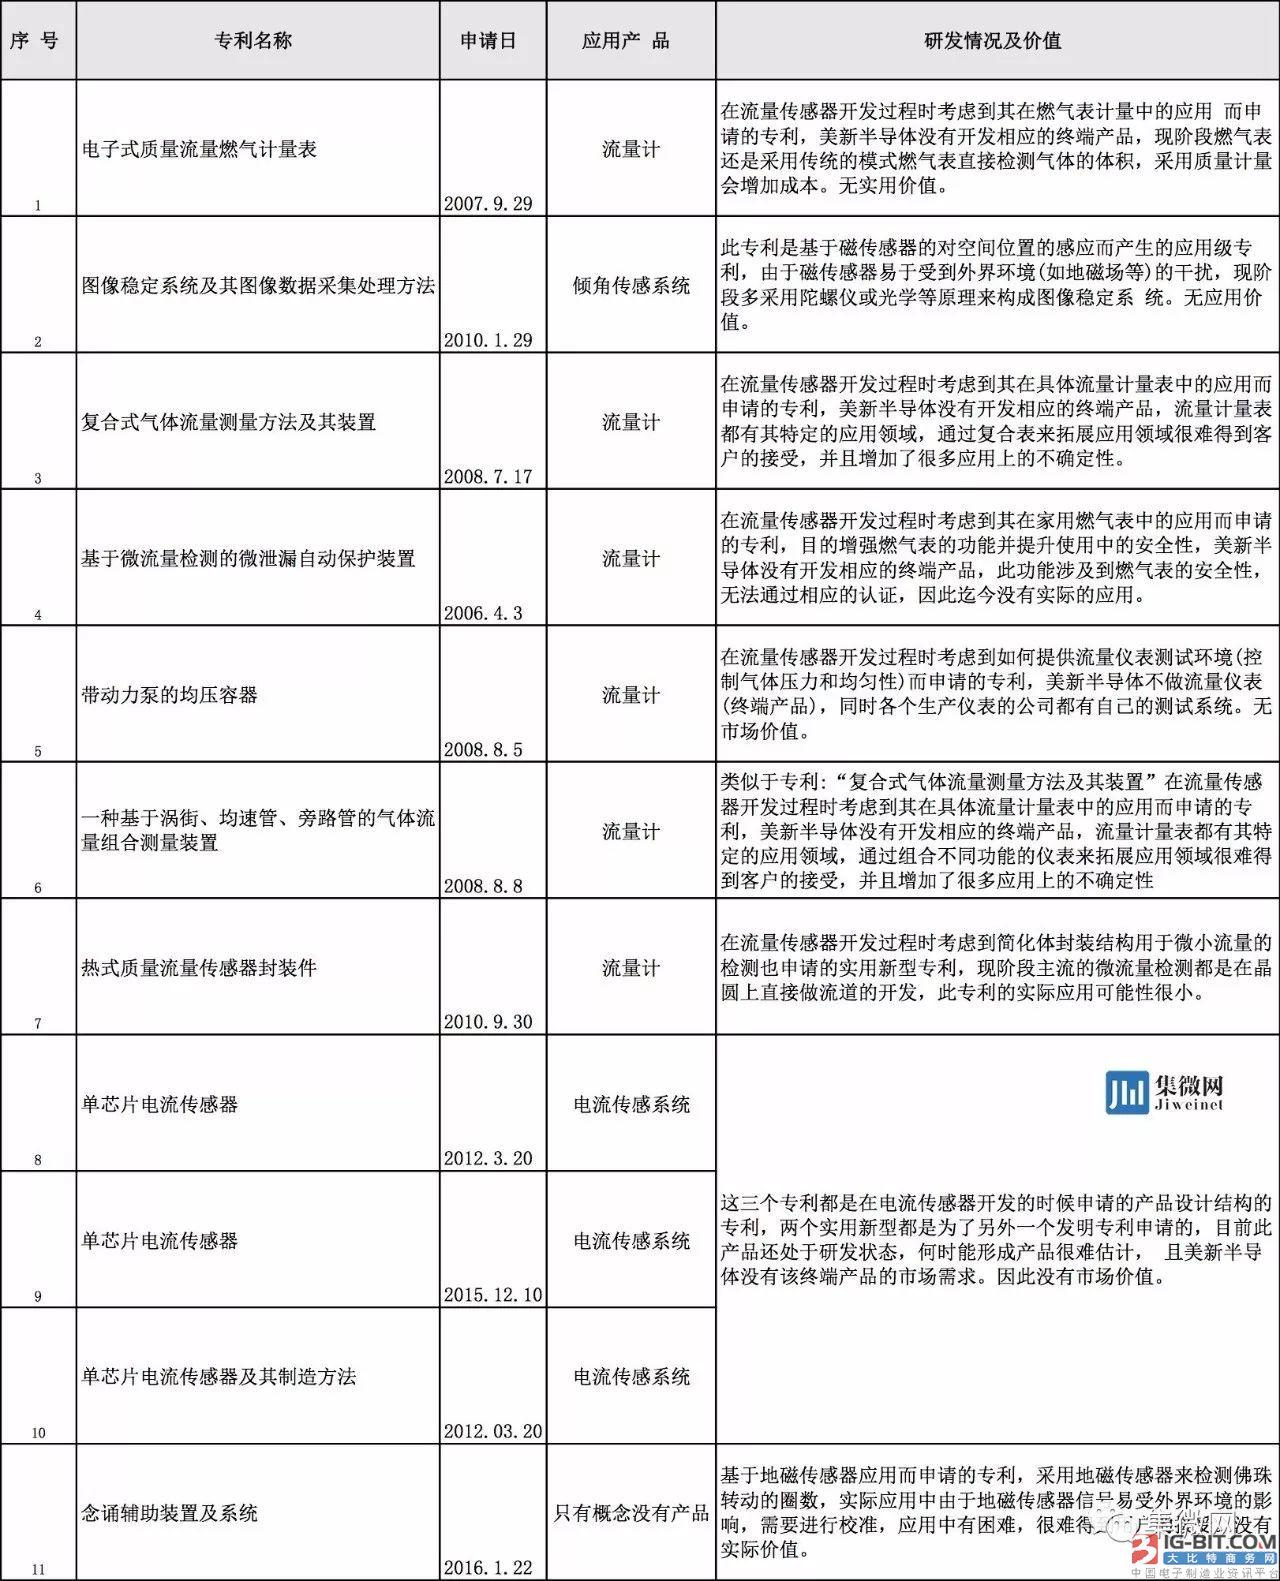 华灿光电1.87亿元收购美新银河国际网站百分百股权